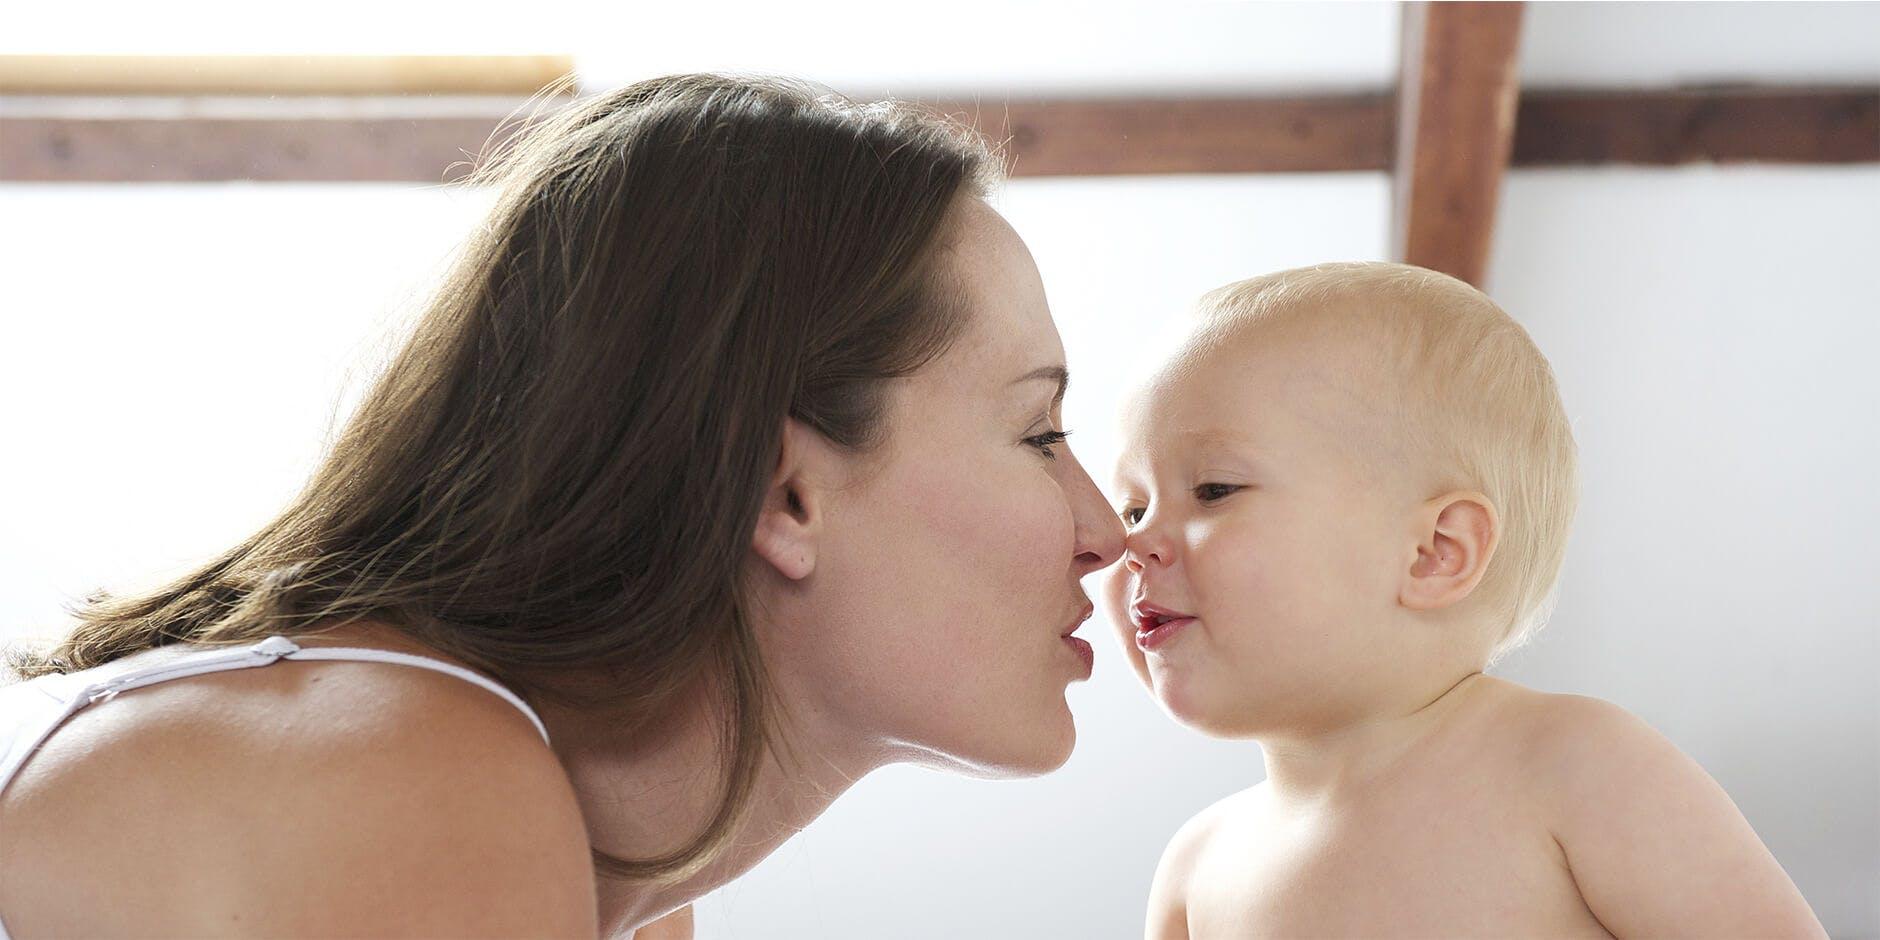 Maman avec son bébé qui utilise ProRhinel, le spray pour le nez de bébé.